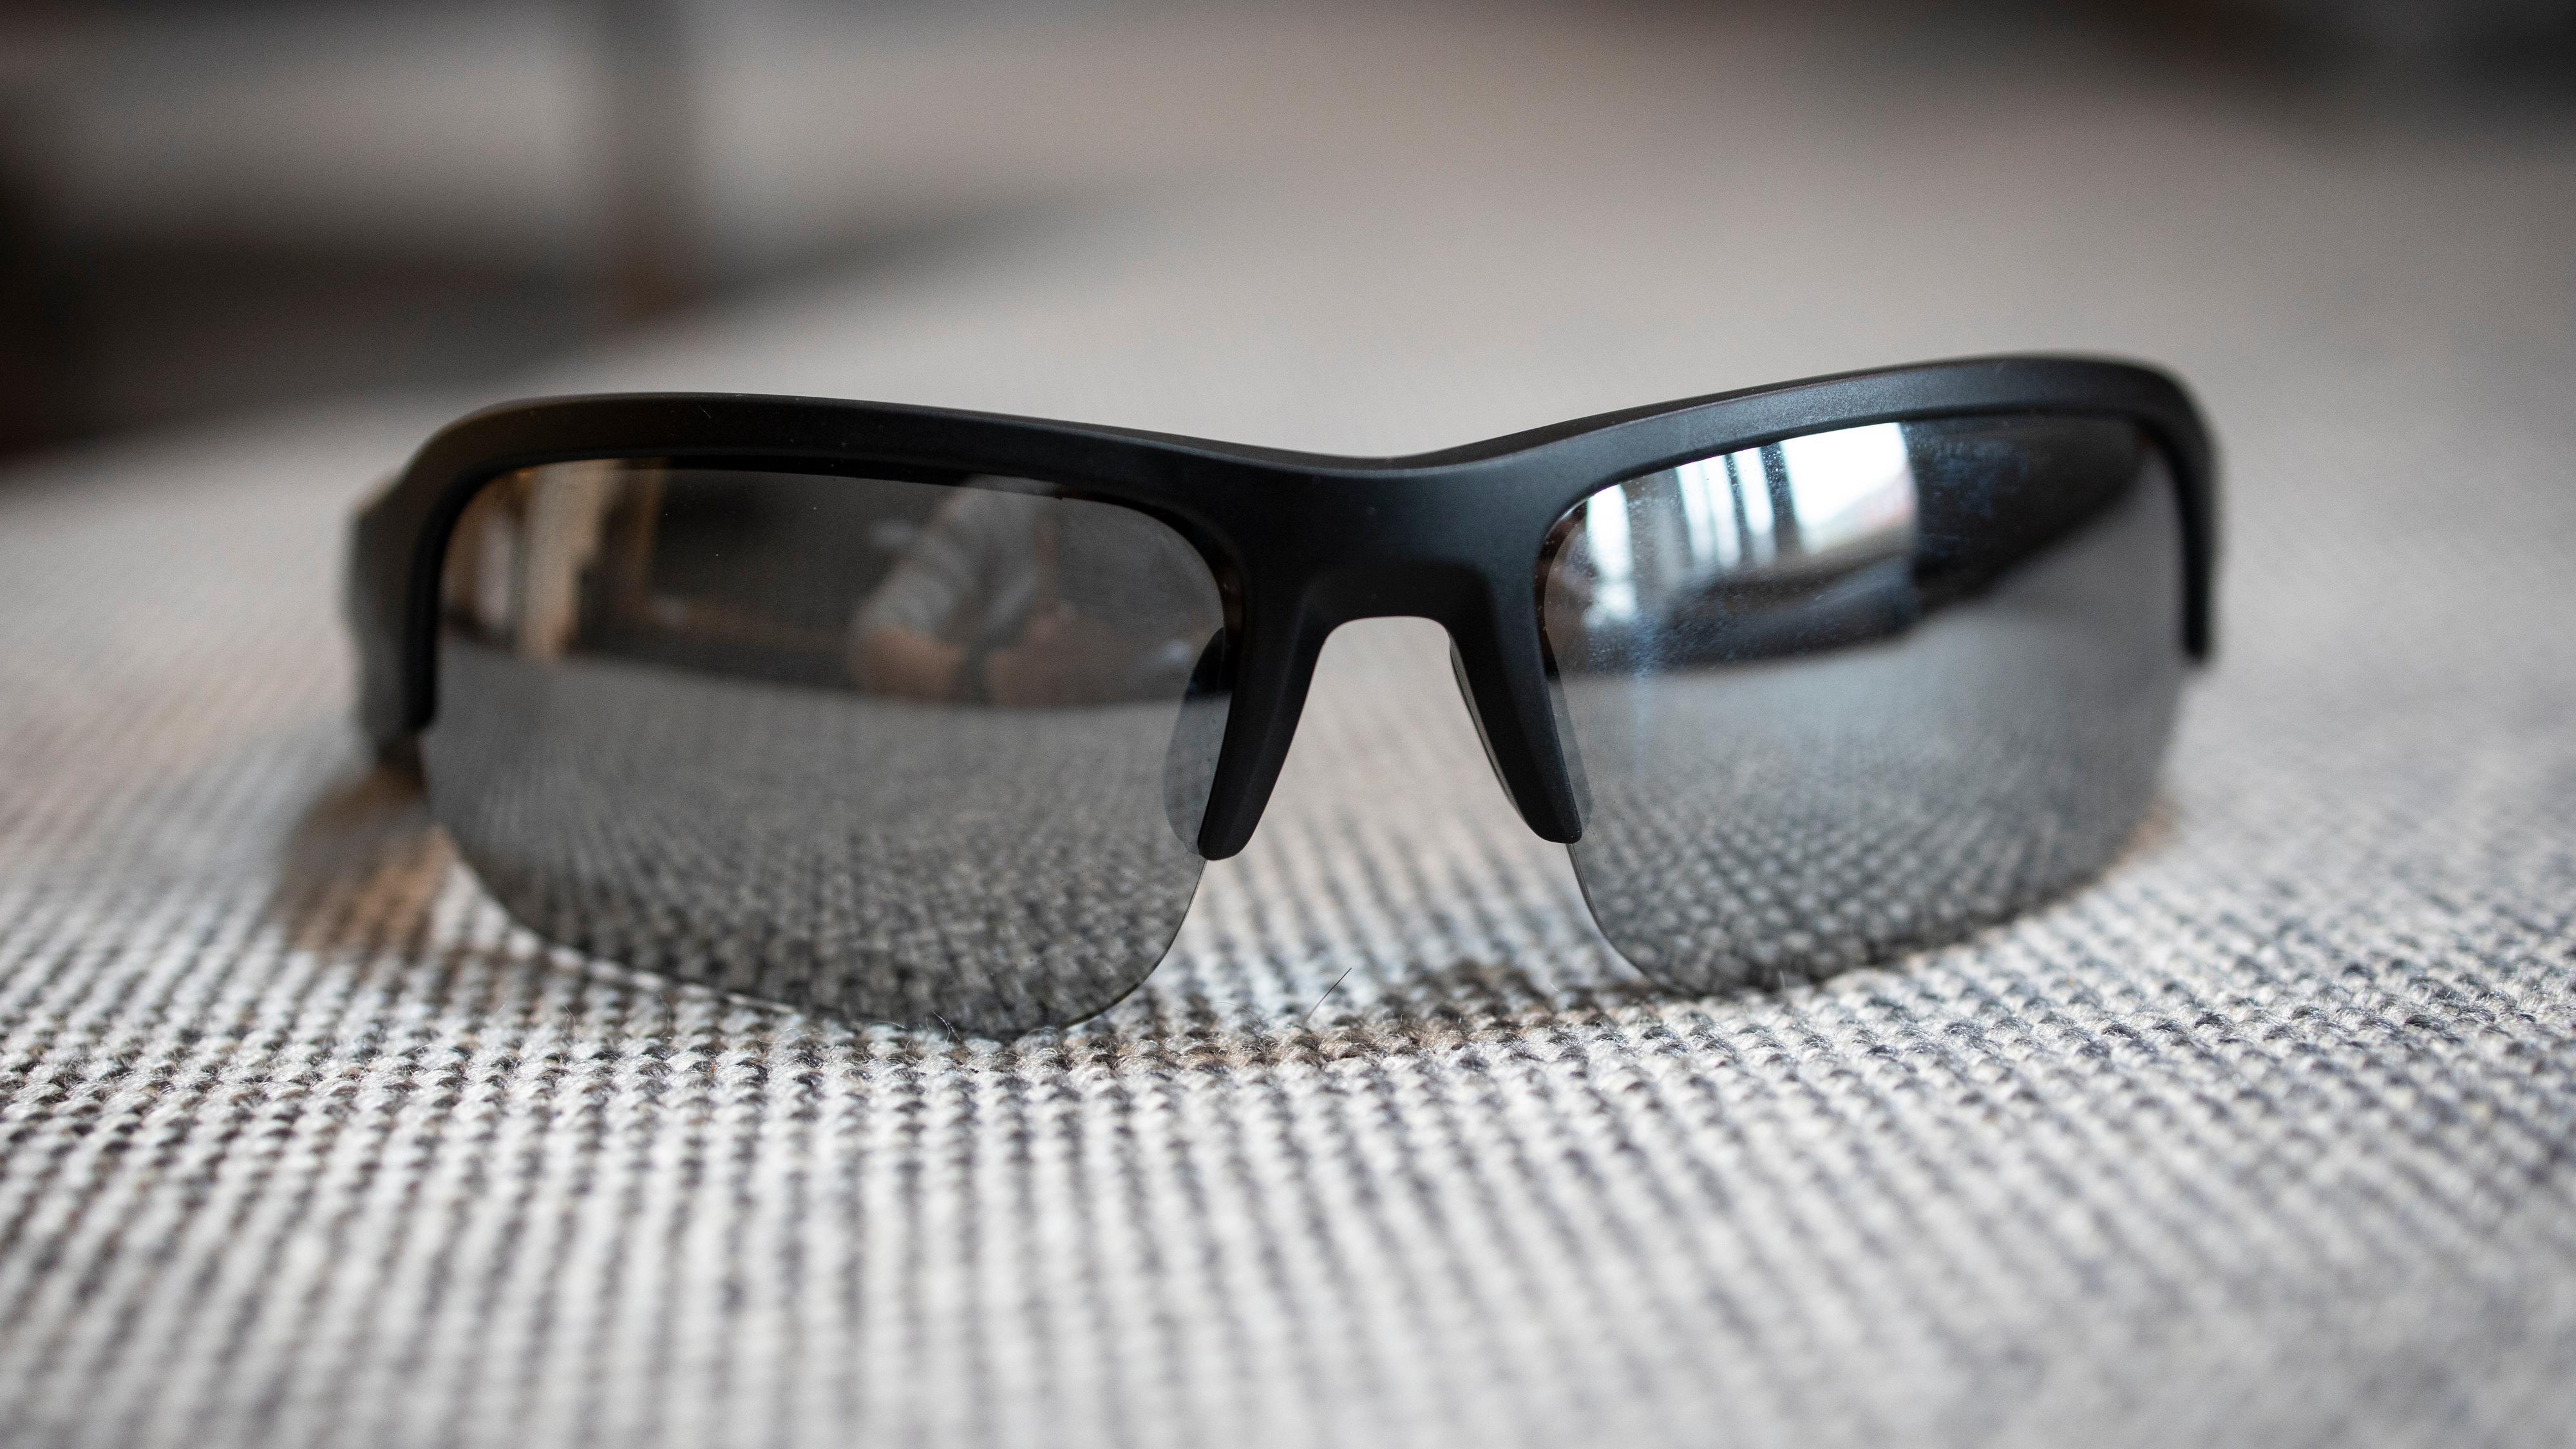 Frames Tempo har et sporty design uten fulldekkende ramme rundt glassene. Kan minne litt om Oakley Custom Half Jacket 2.0.